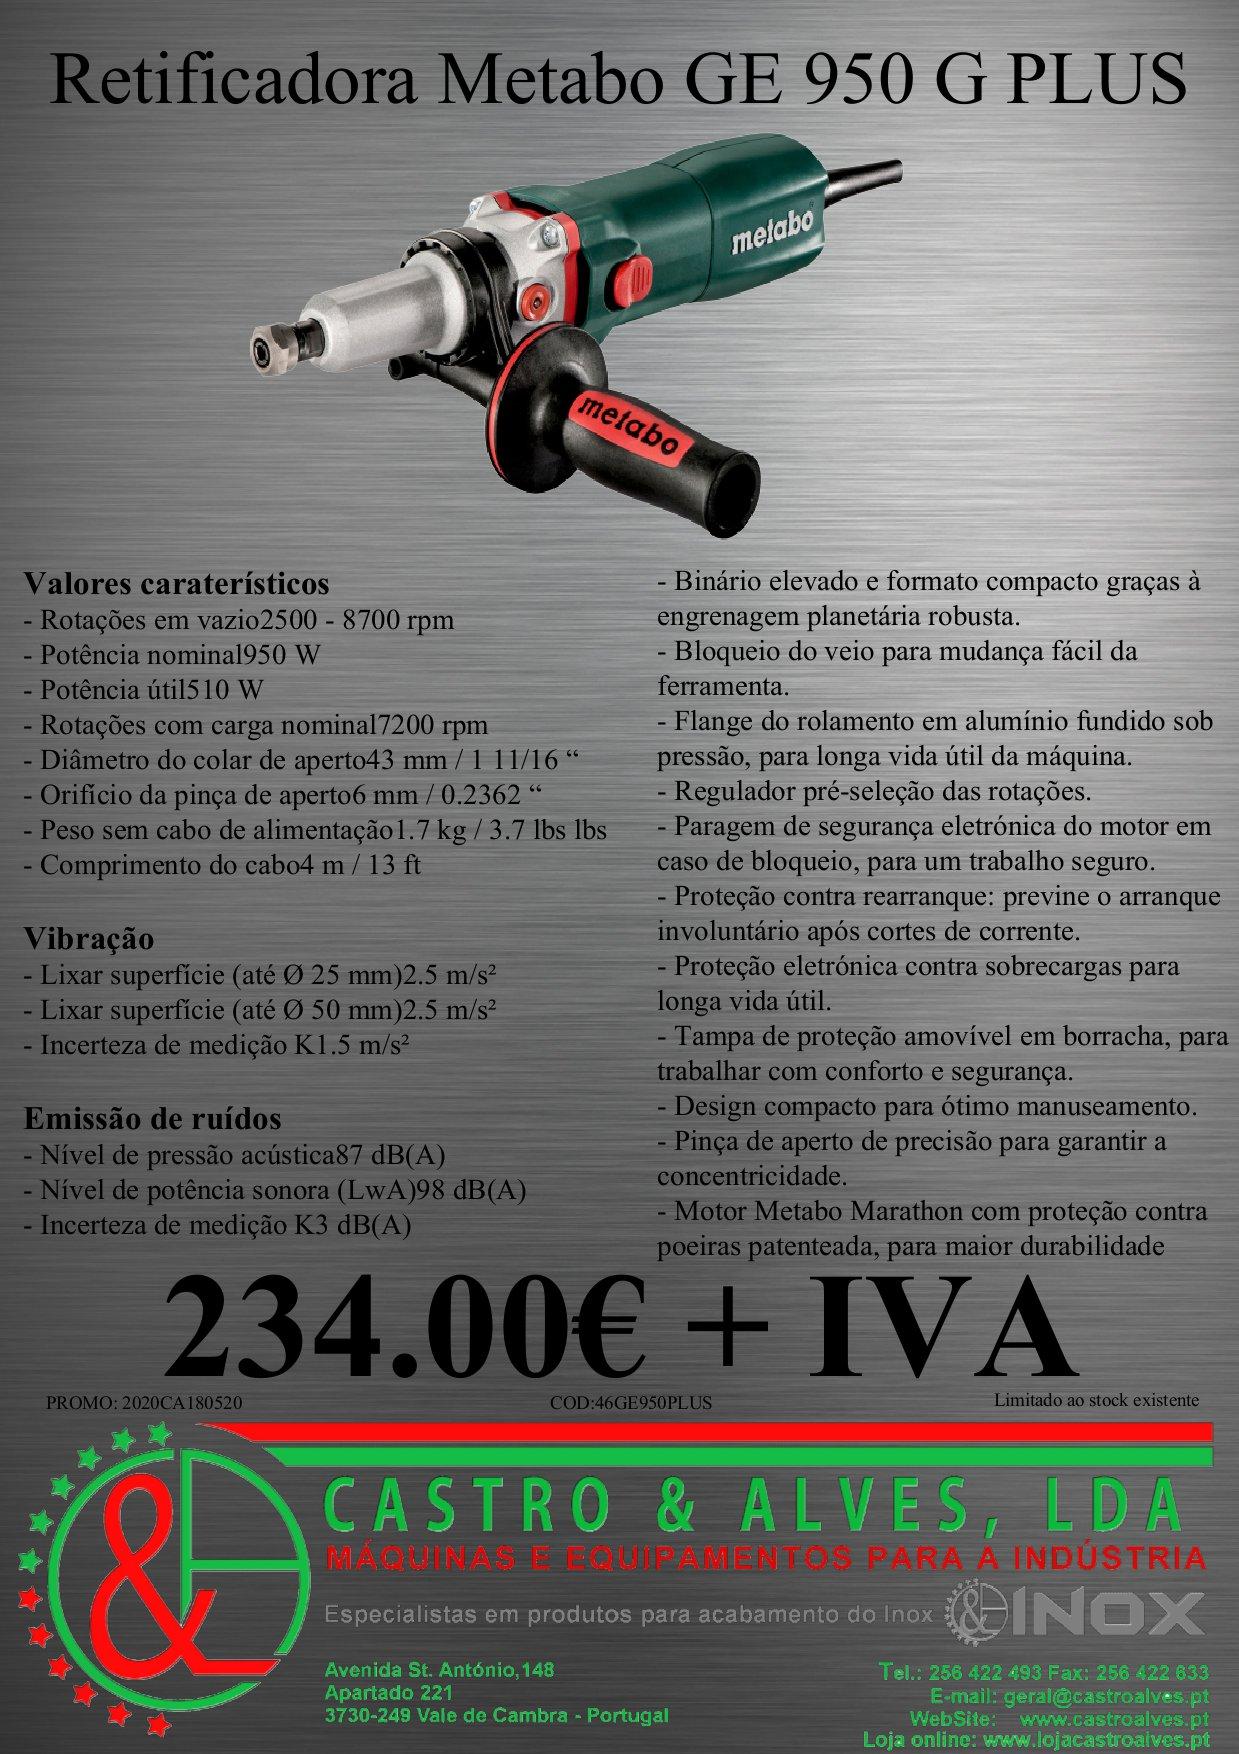 GE 950 G PLUS